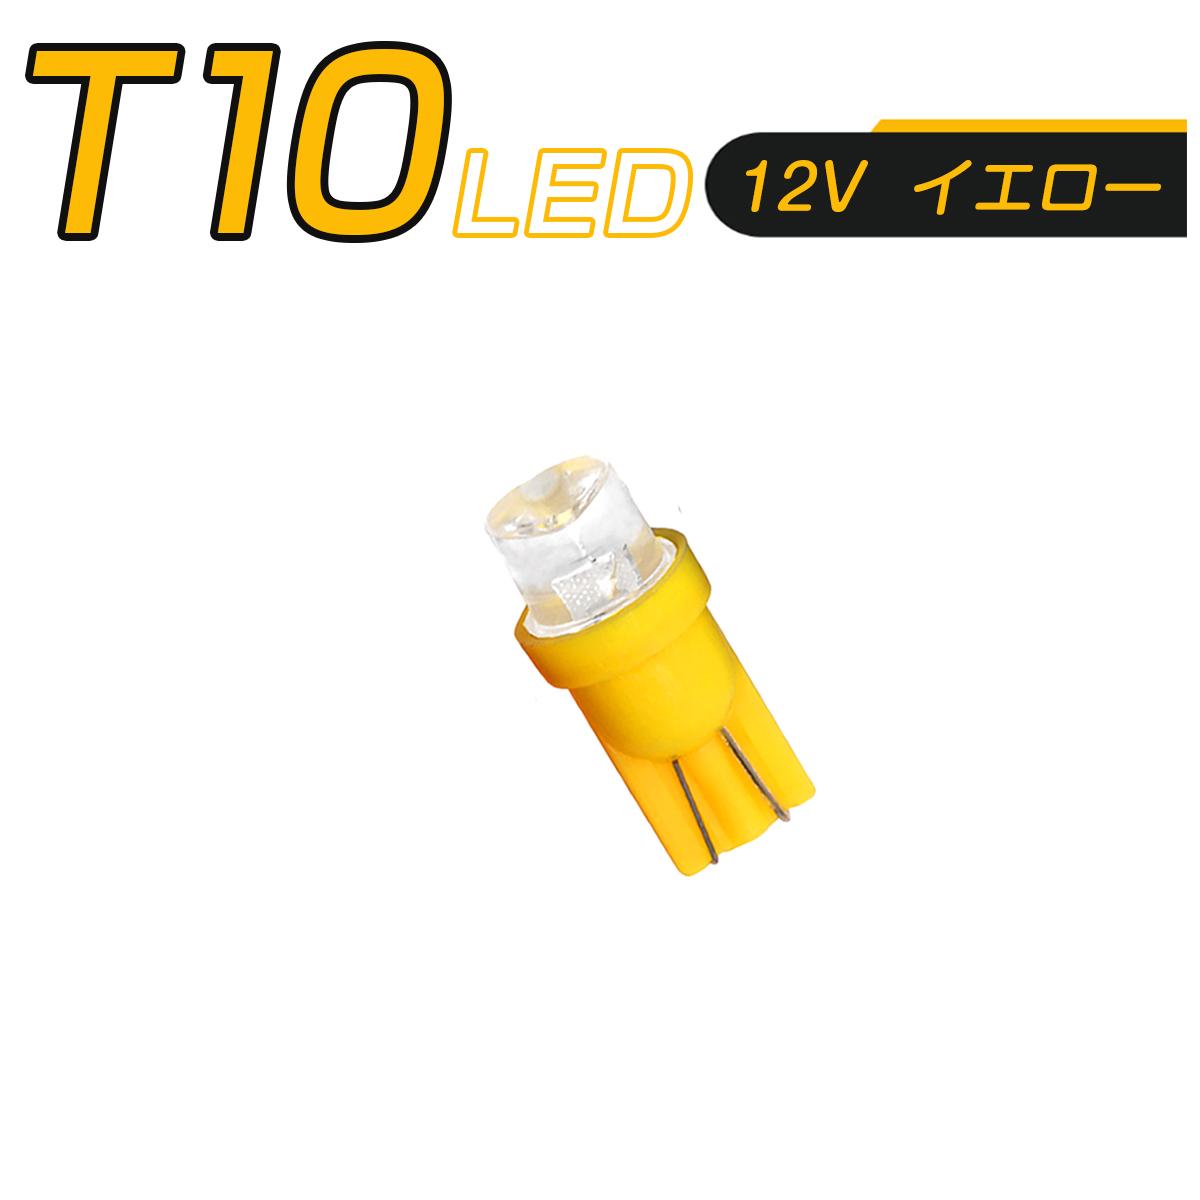 LED T10 黄 SMD メーター球 タコランプ インジケーター エアコンパネル ウェッジ球 超拡散 全面発光 2個セット SDM便送料無料 1ヶ月保証